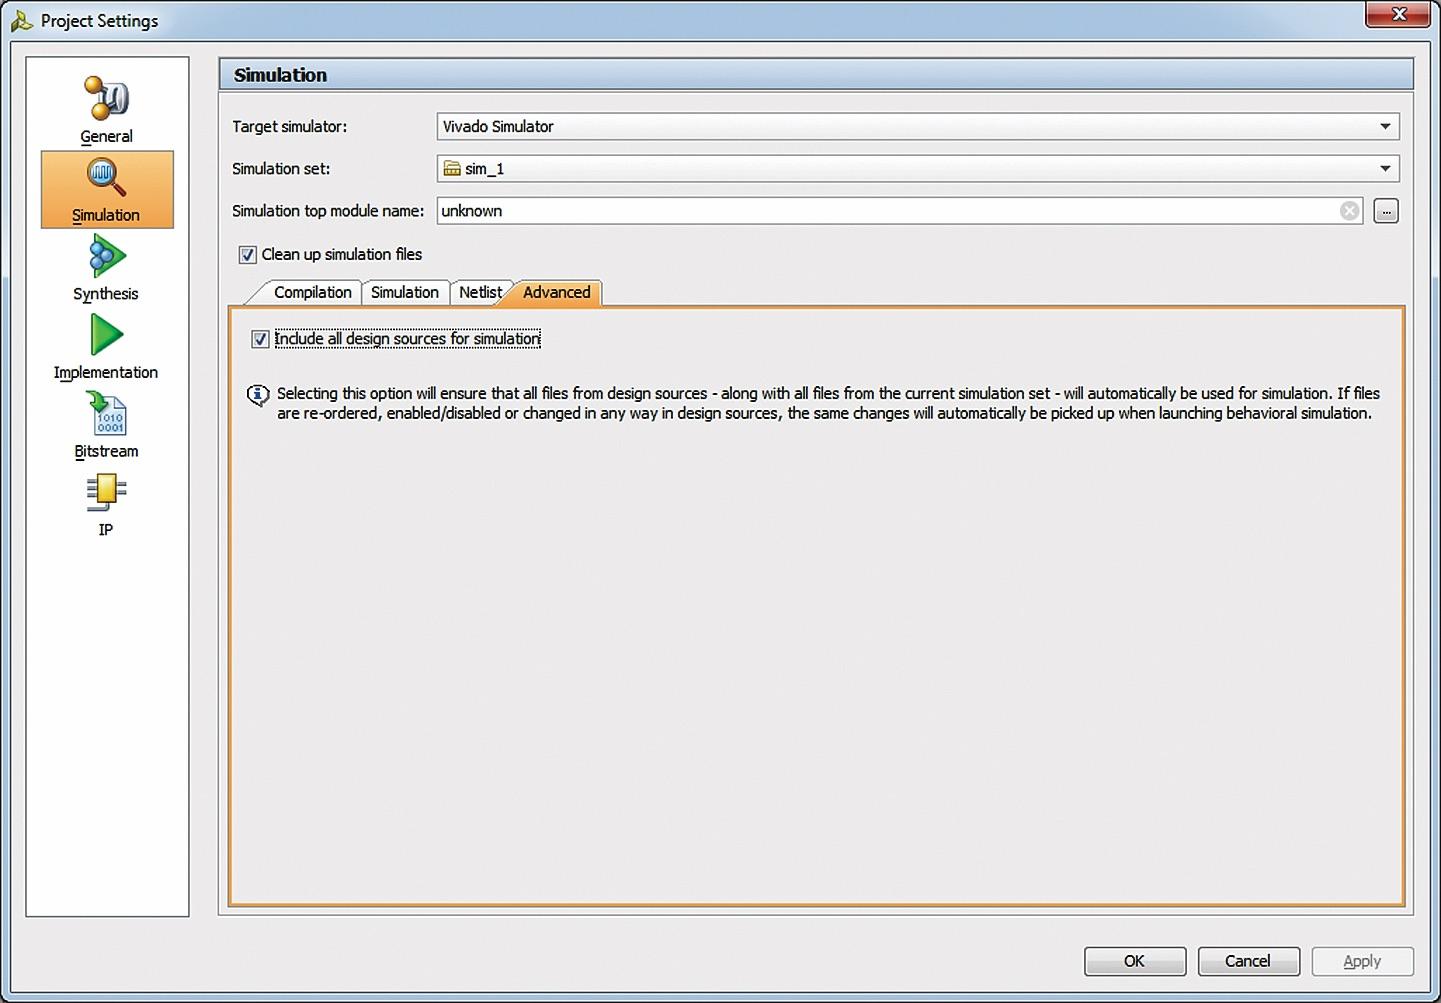 Вкладка Advanced диалоговой панели параметров моделирования импортированного проекта